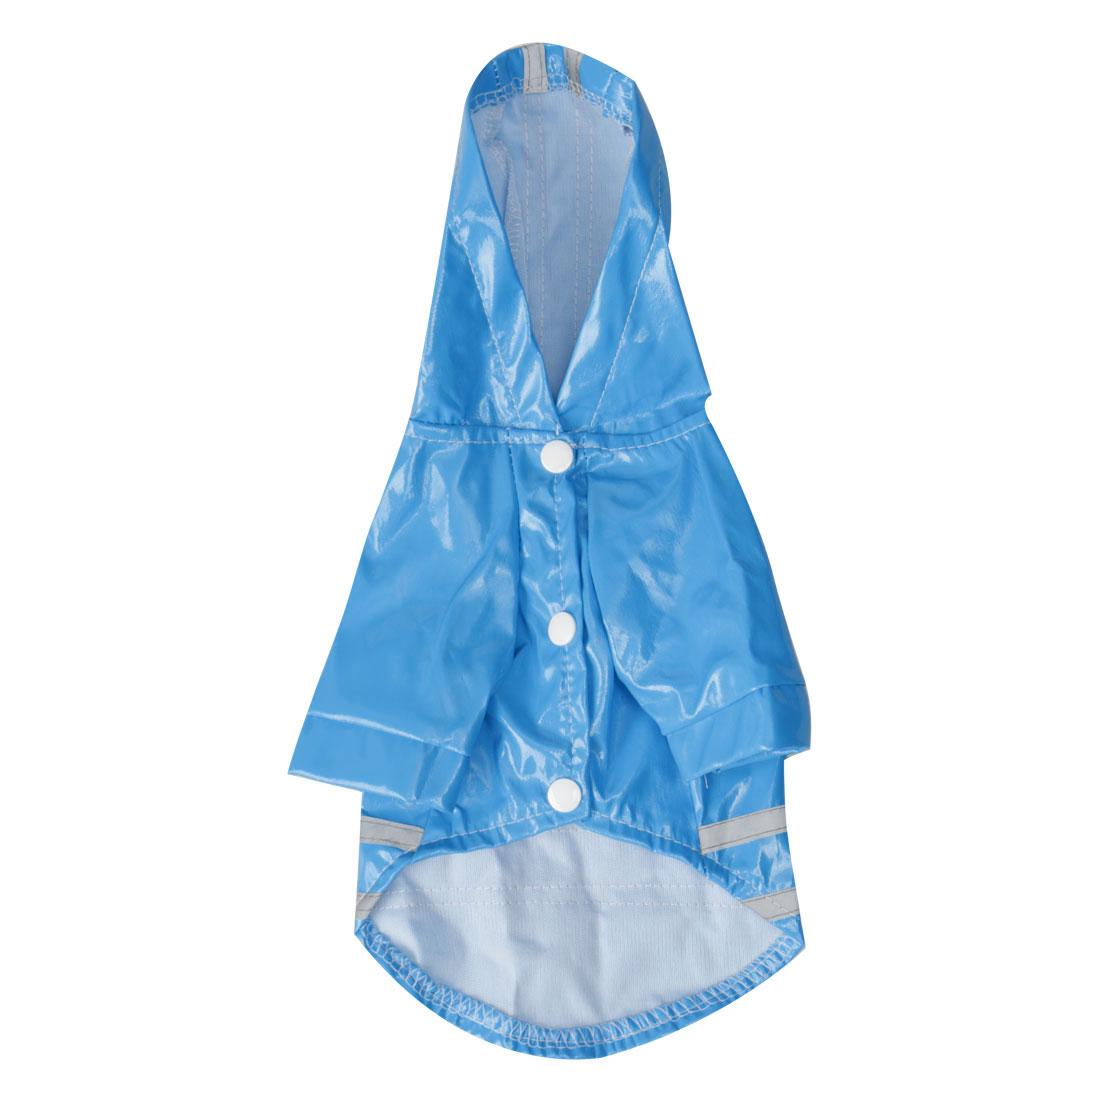 Pet Dog Raincoat Jacket Poncho Coat Polyester Water-resistant Rainwear, Blue M